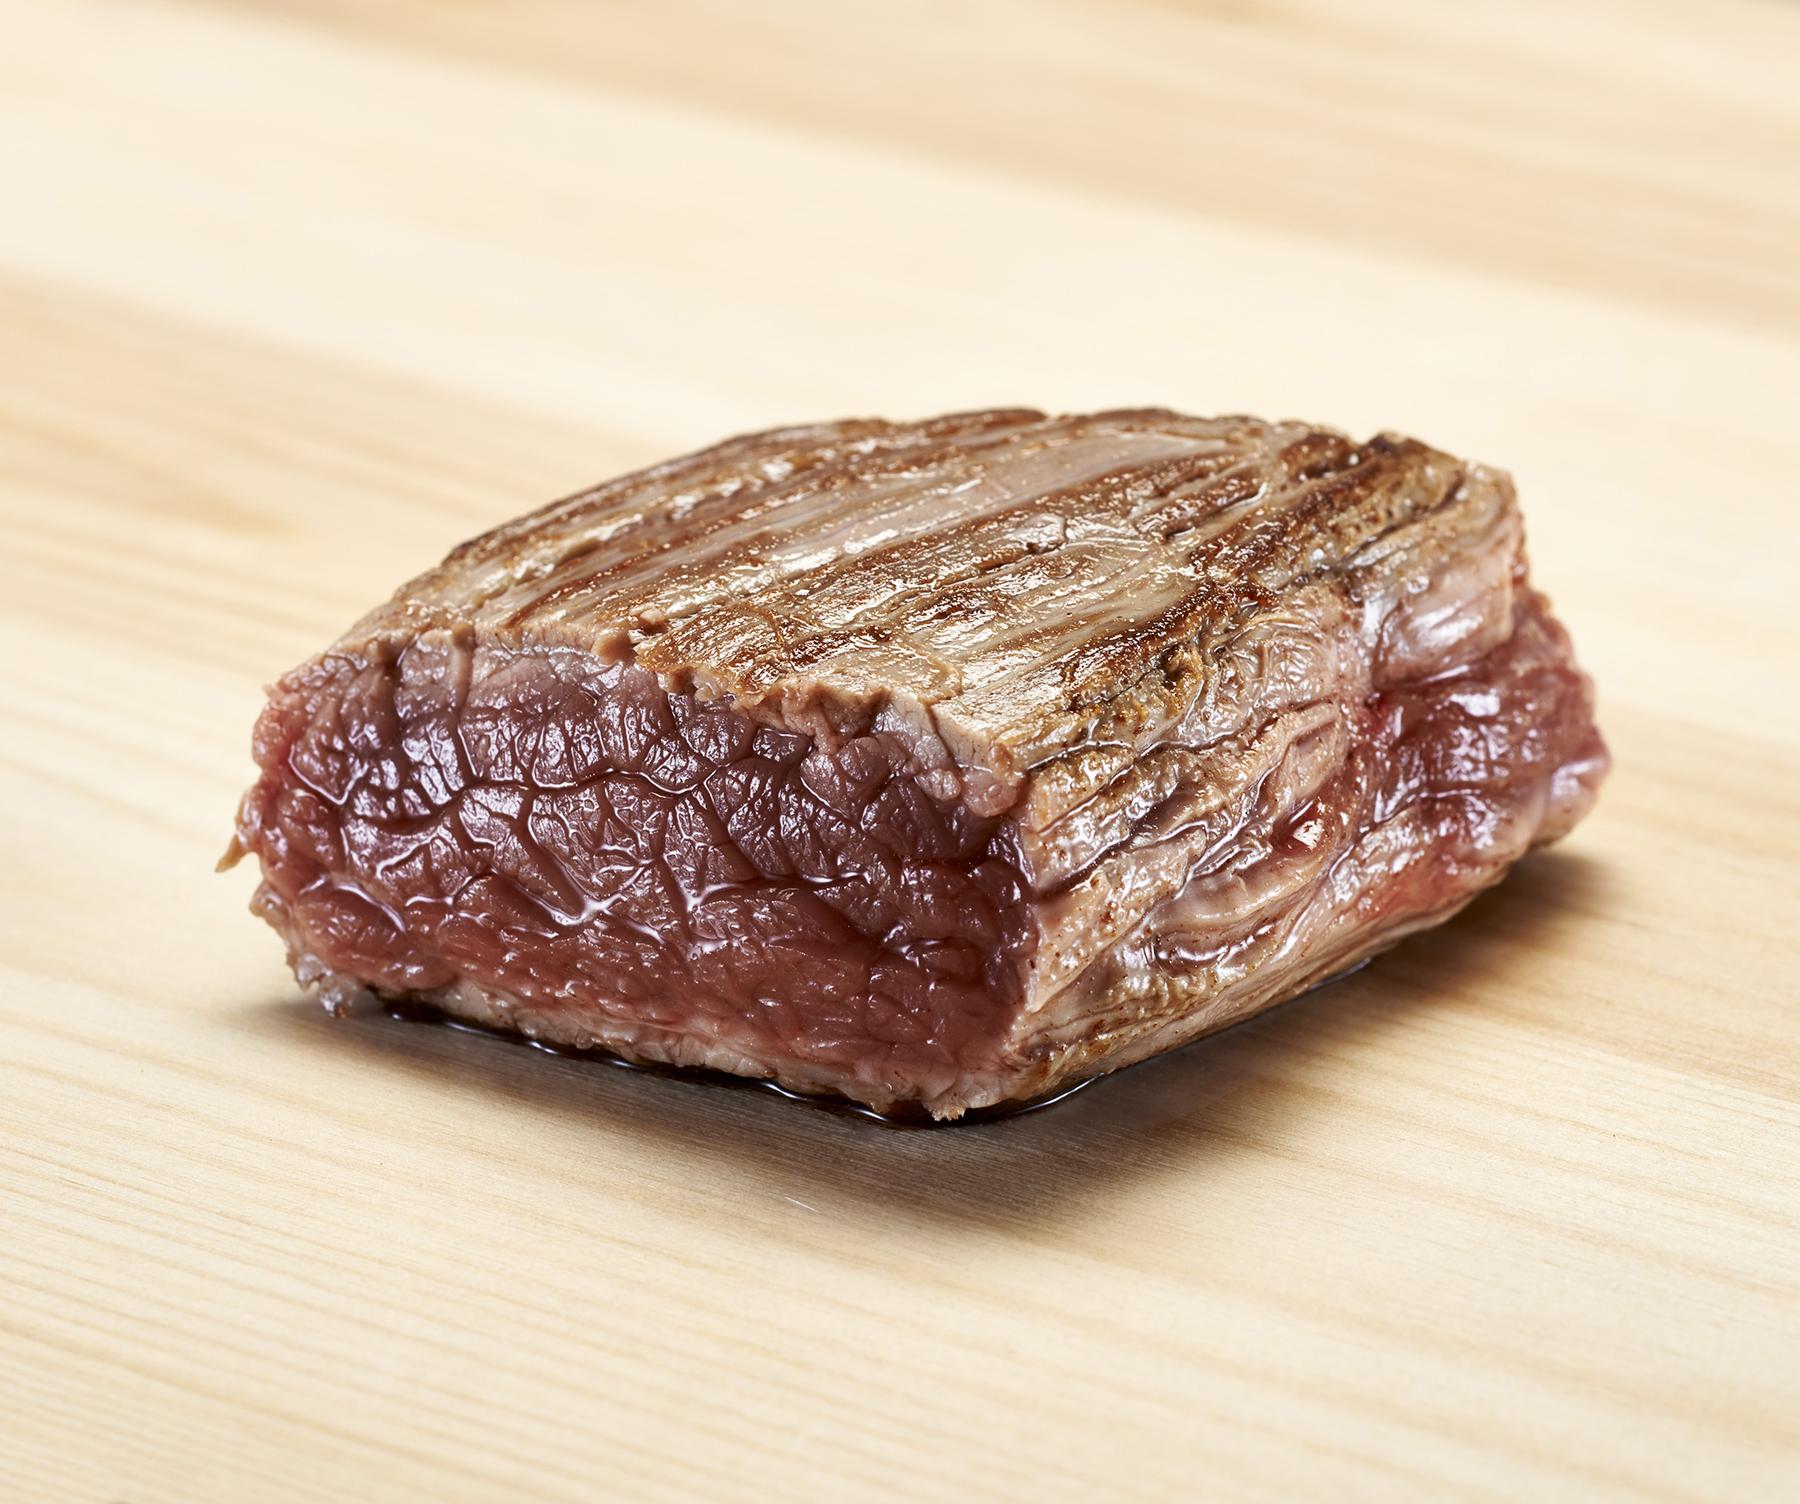 Rein Janssen - Beef